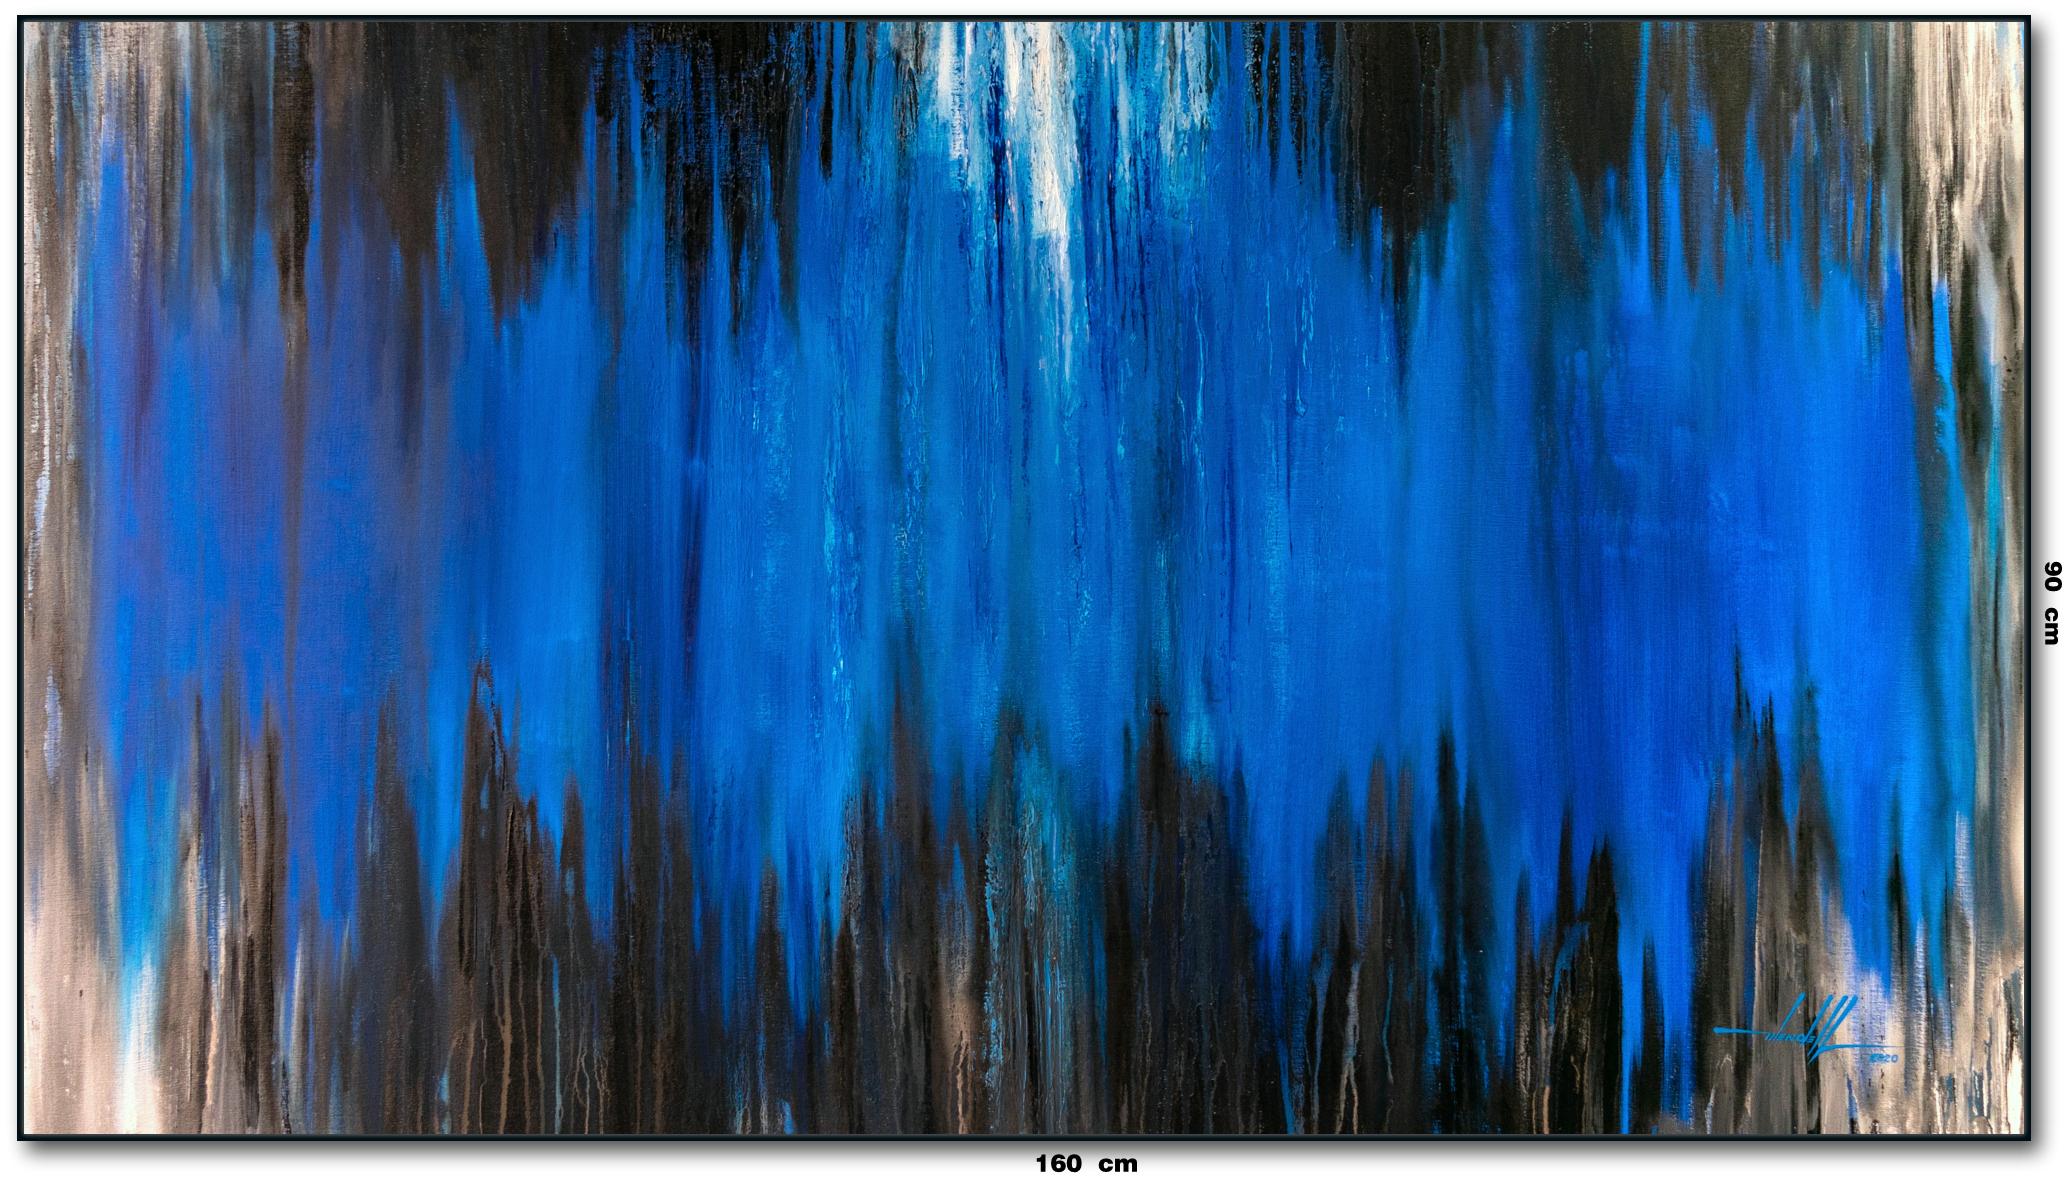 Tela Abstrata Azul E Preto 160 cm X 90 c